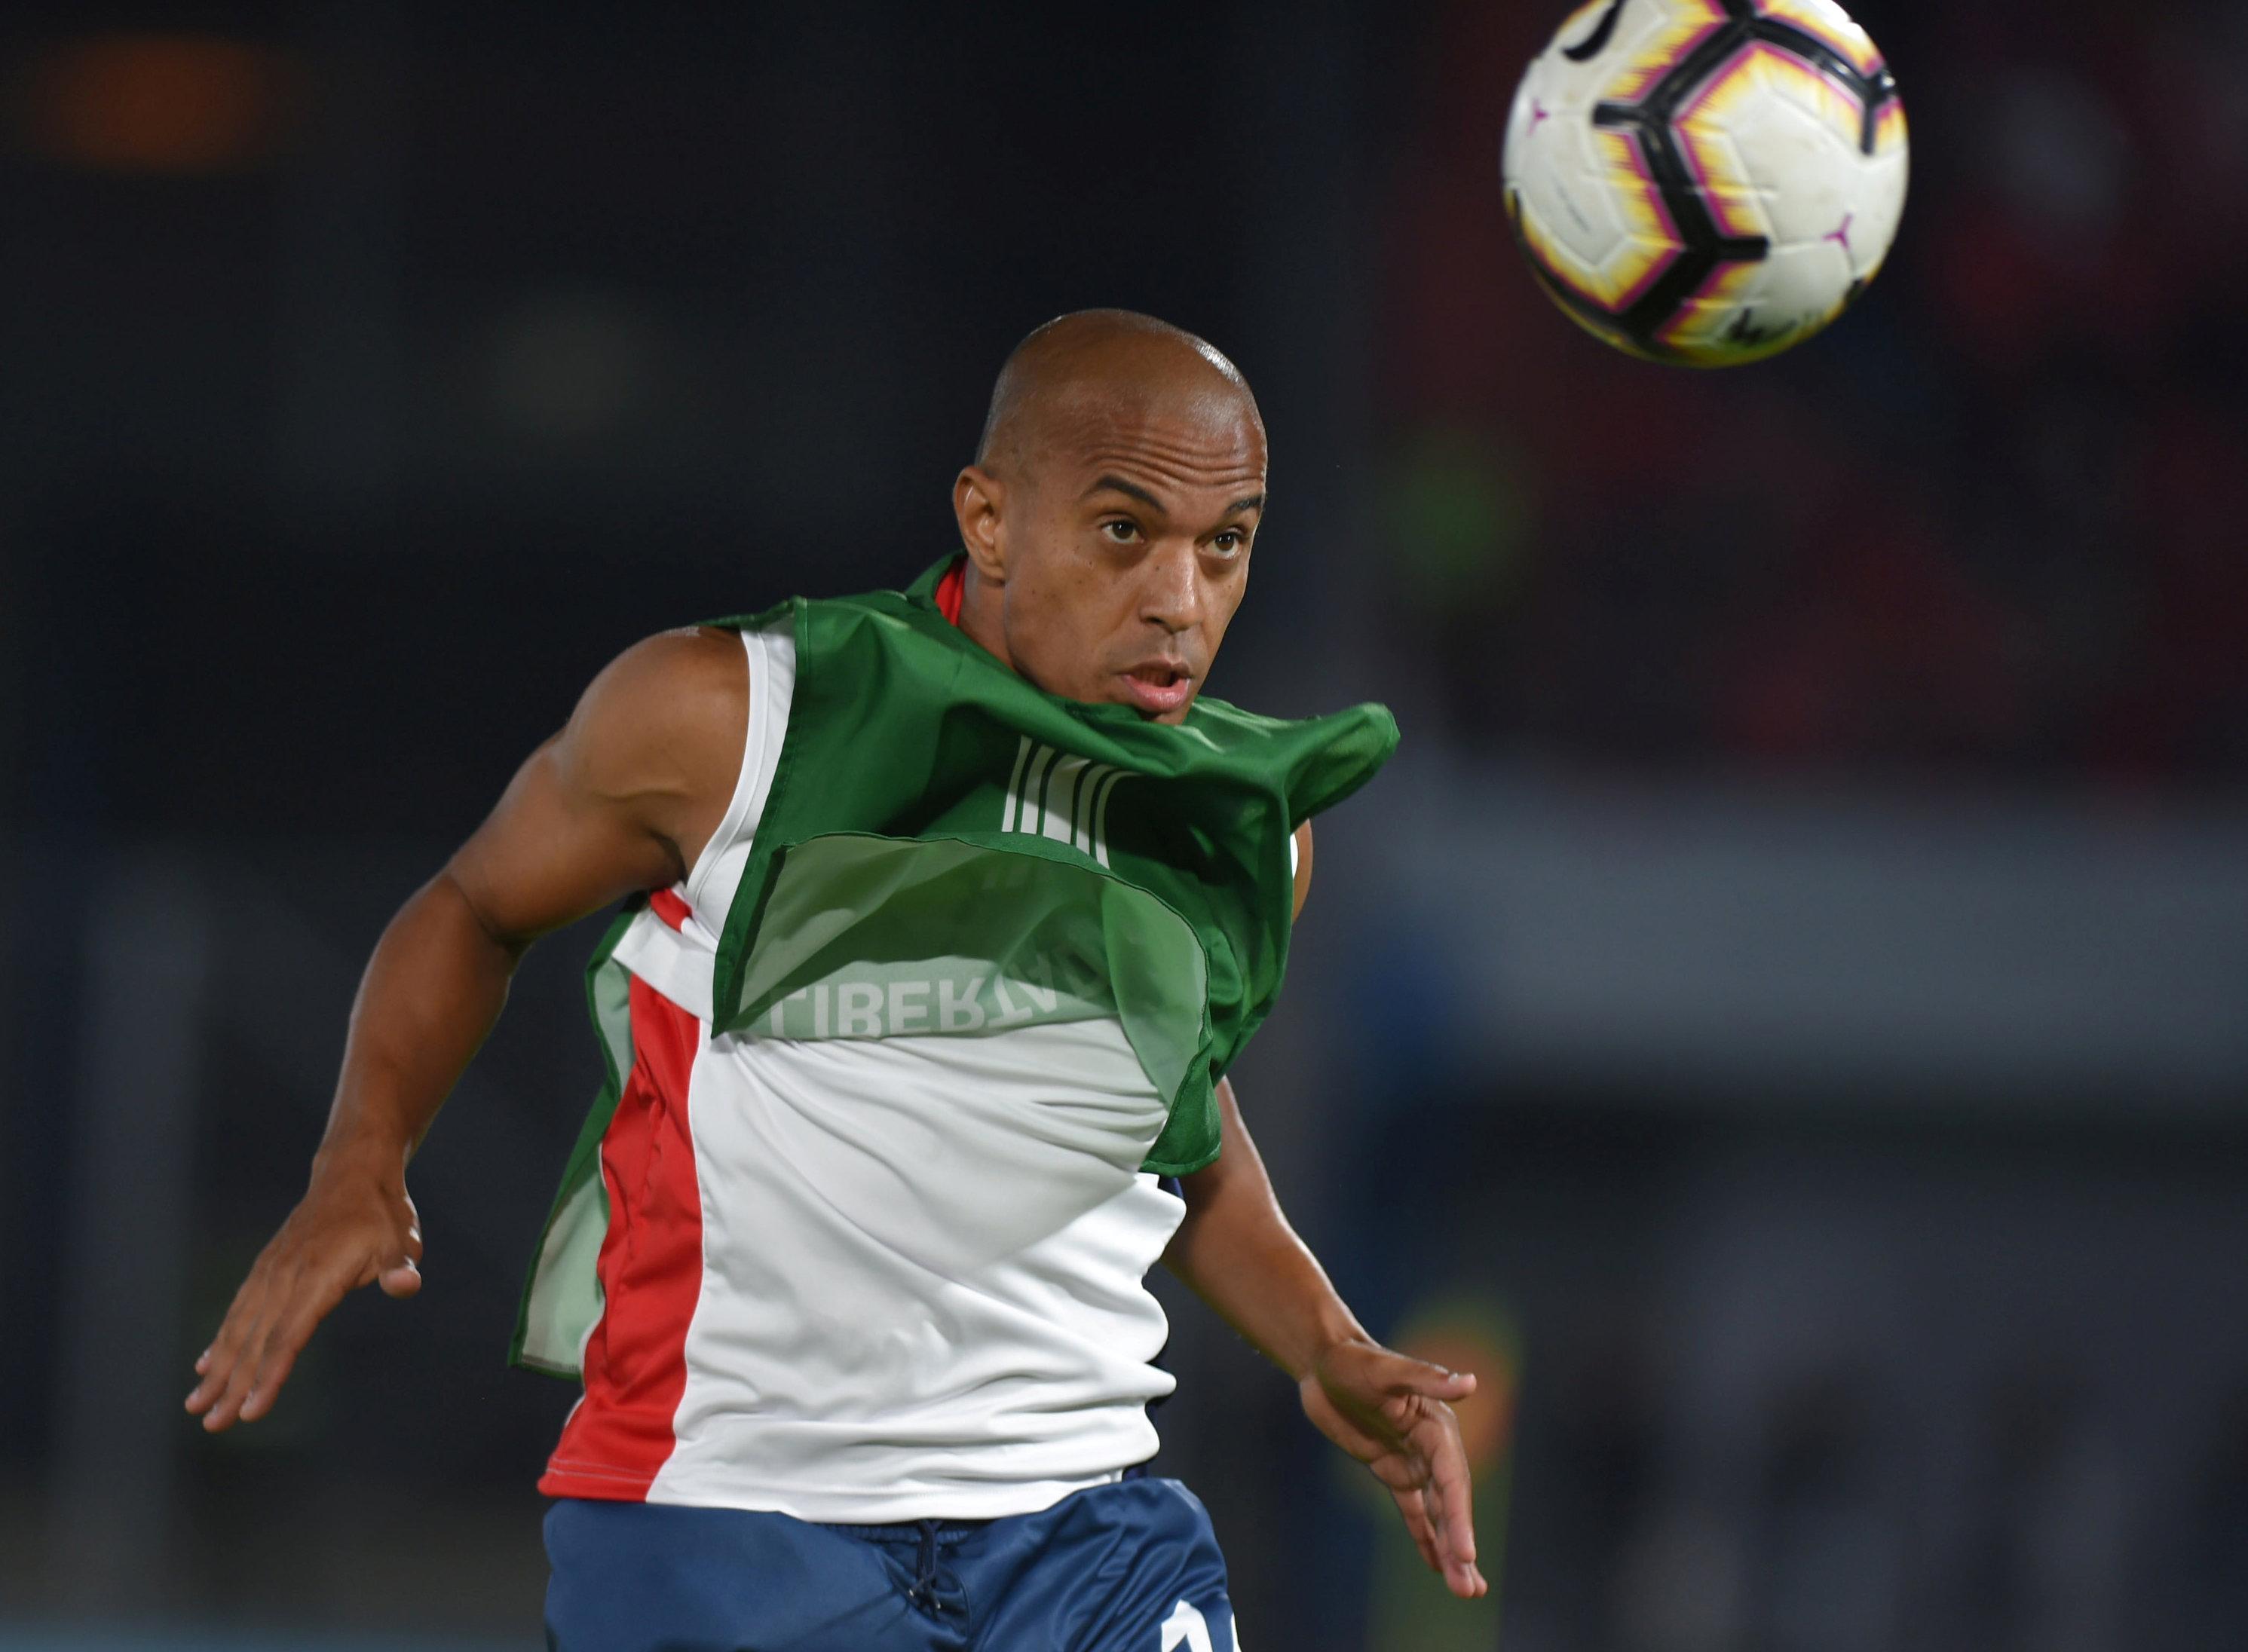 Football - Etranger - Visé par des cris de singe, un joueur décide de quitter le terrain